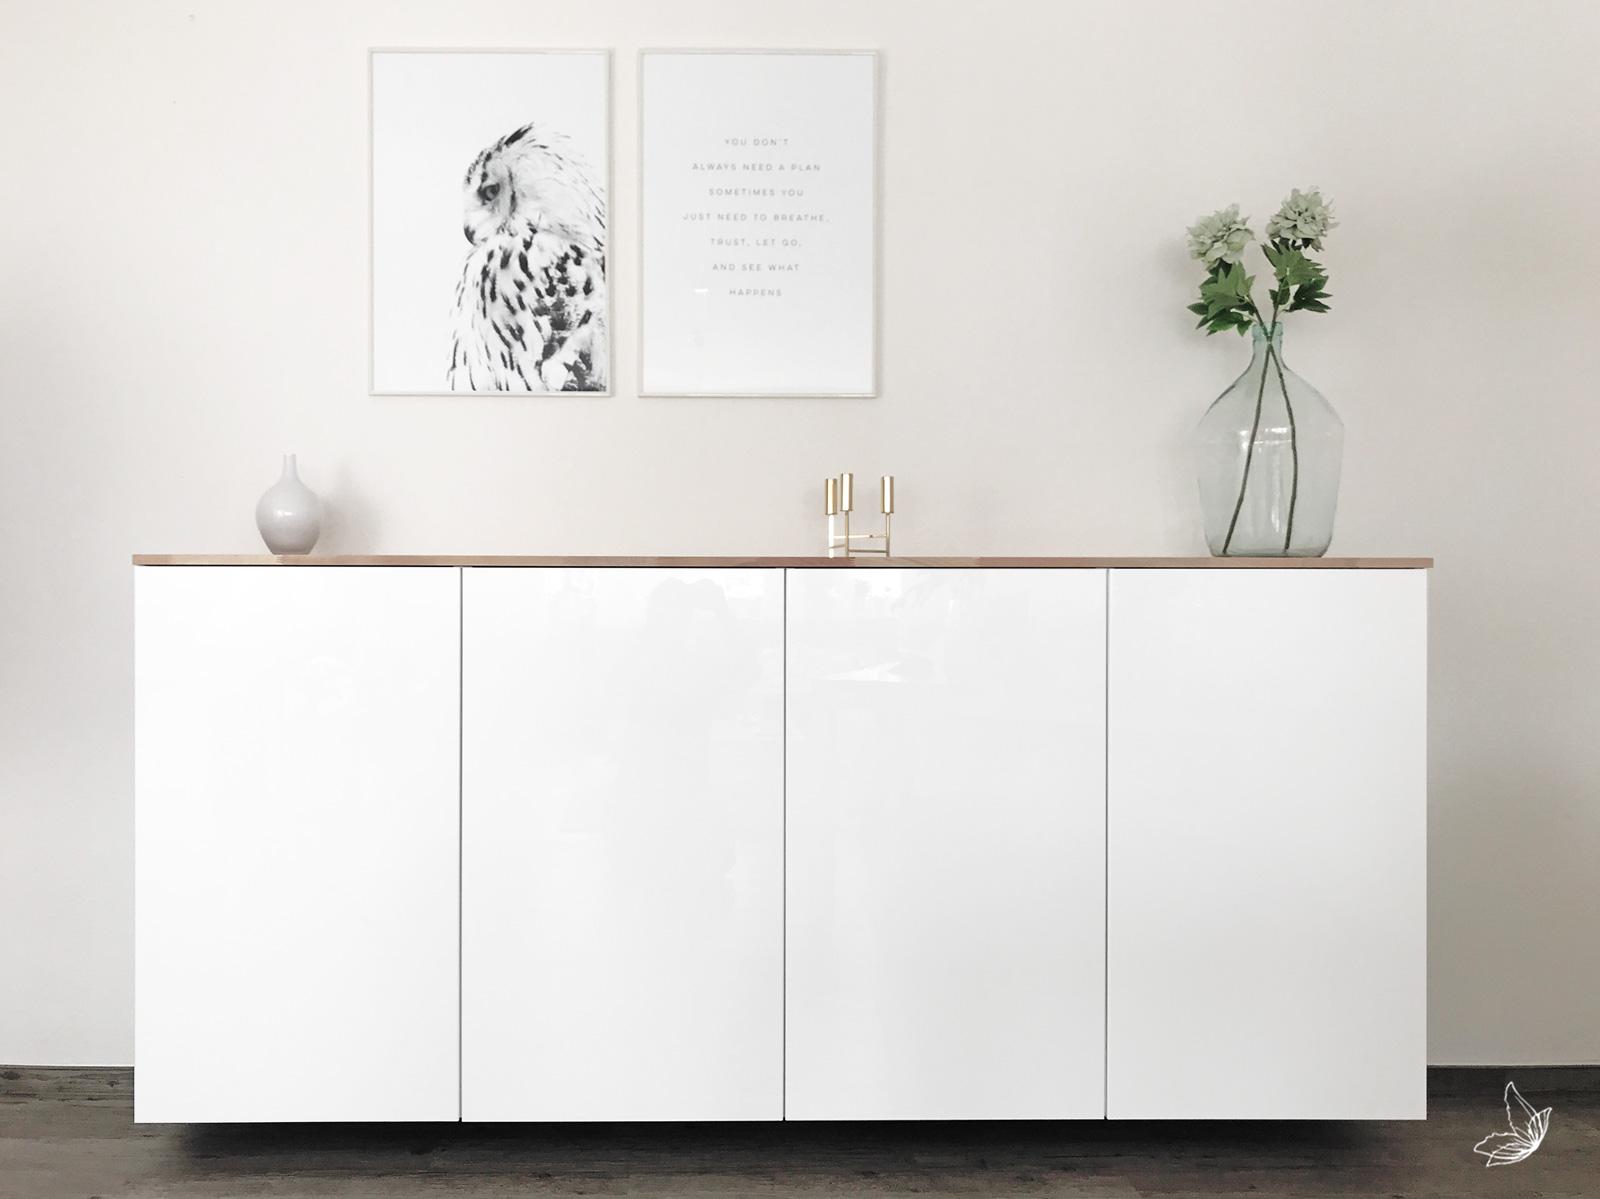 Full Size of Ikea Vorratsschrank Hack Metod Kchenschrank Als Sideboard Küche Kosten Sofa Mit Schlaffunktion Miniküche Betten Bei Modulküche 160x200 Kaufen Wohnzimmer Ikea Vorratsschrank